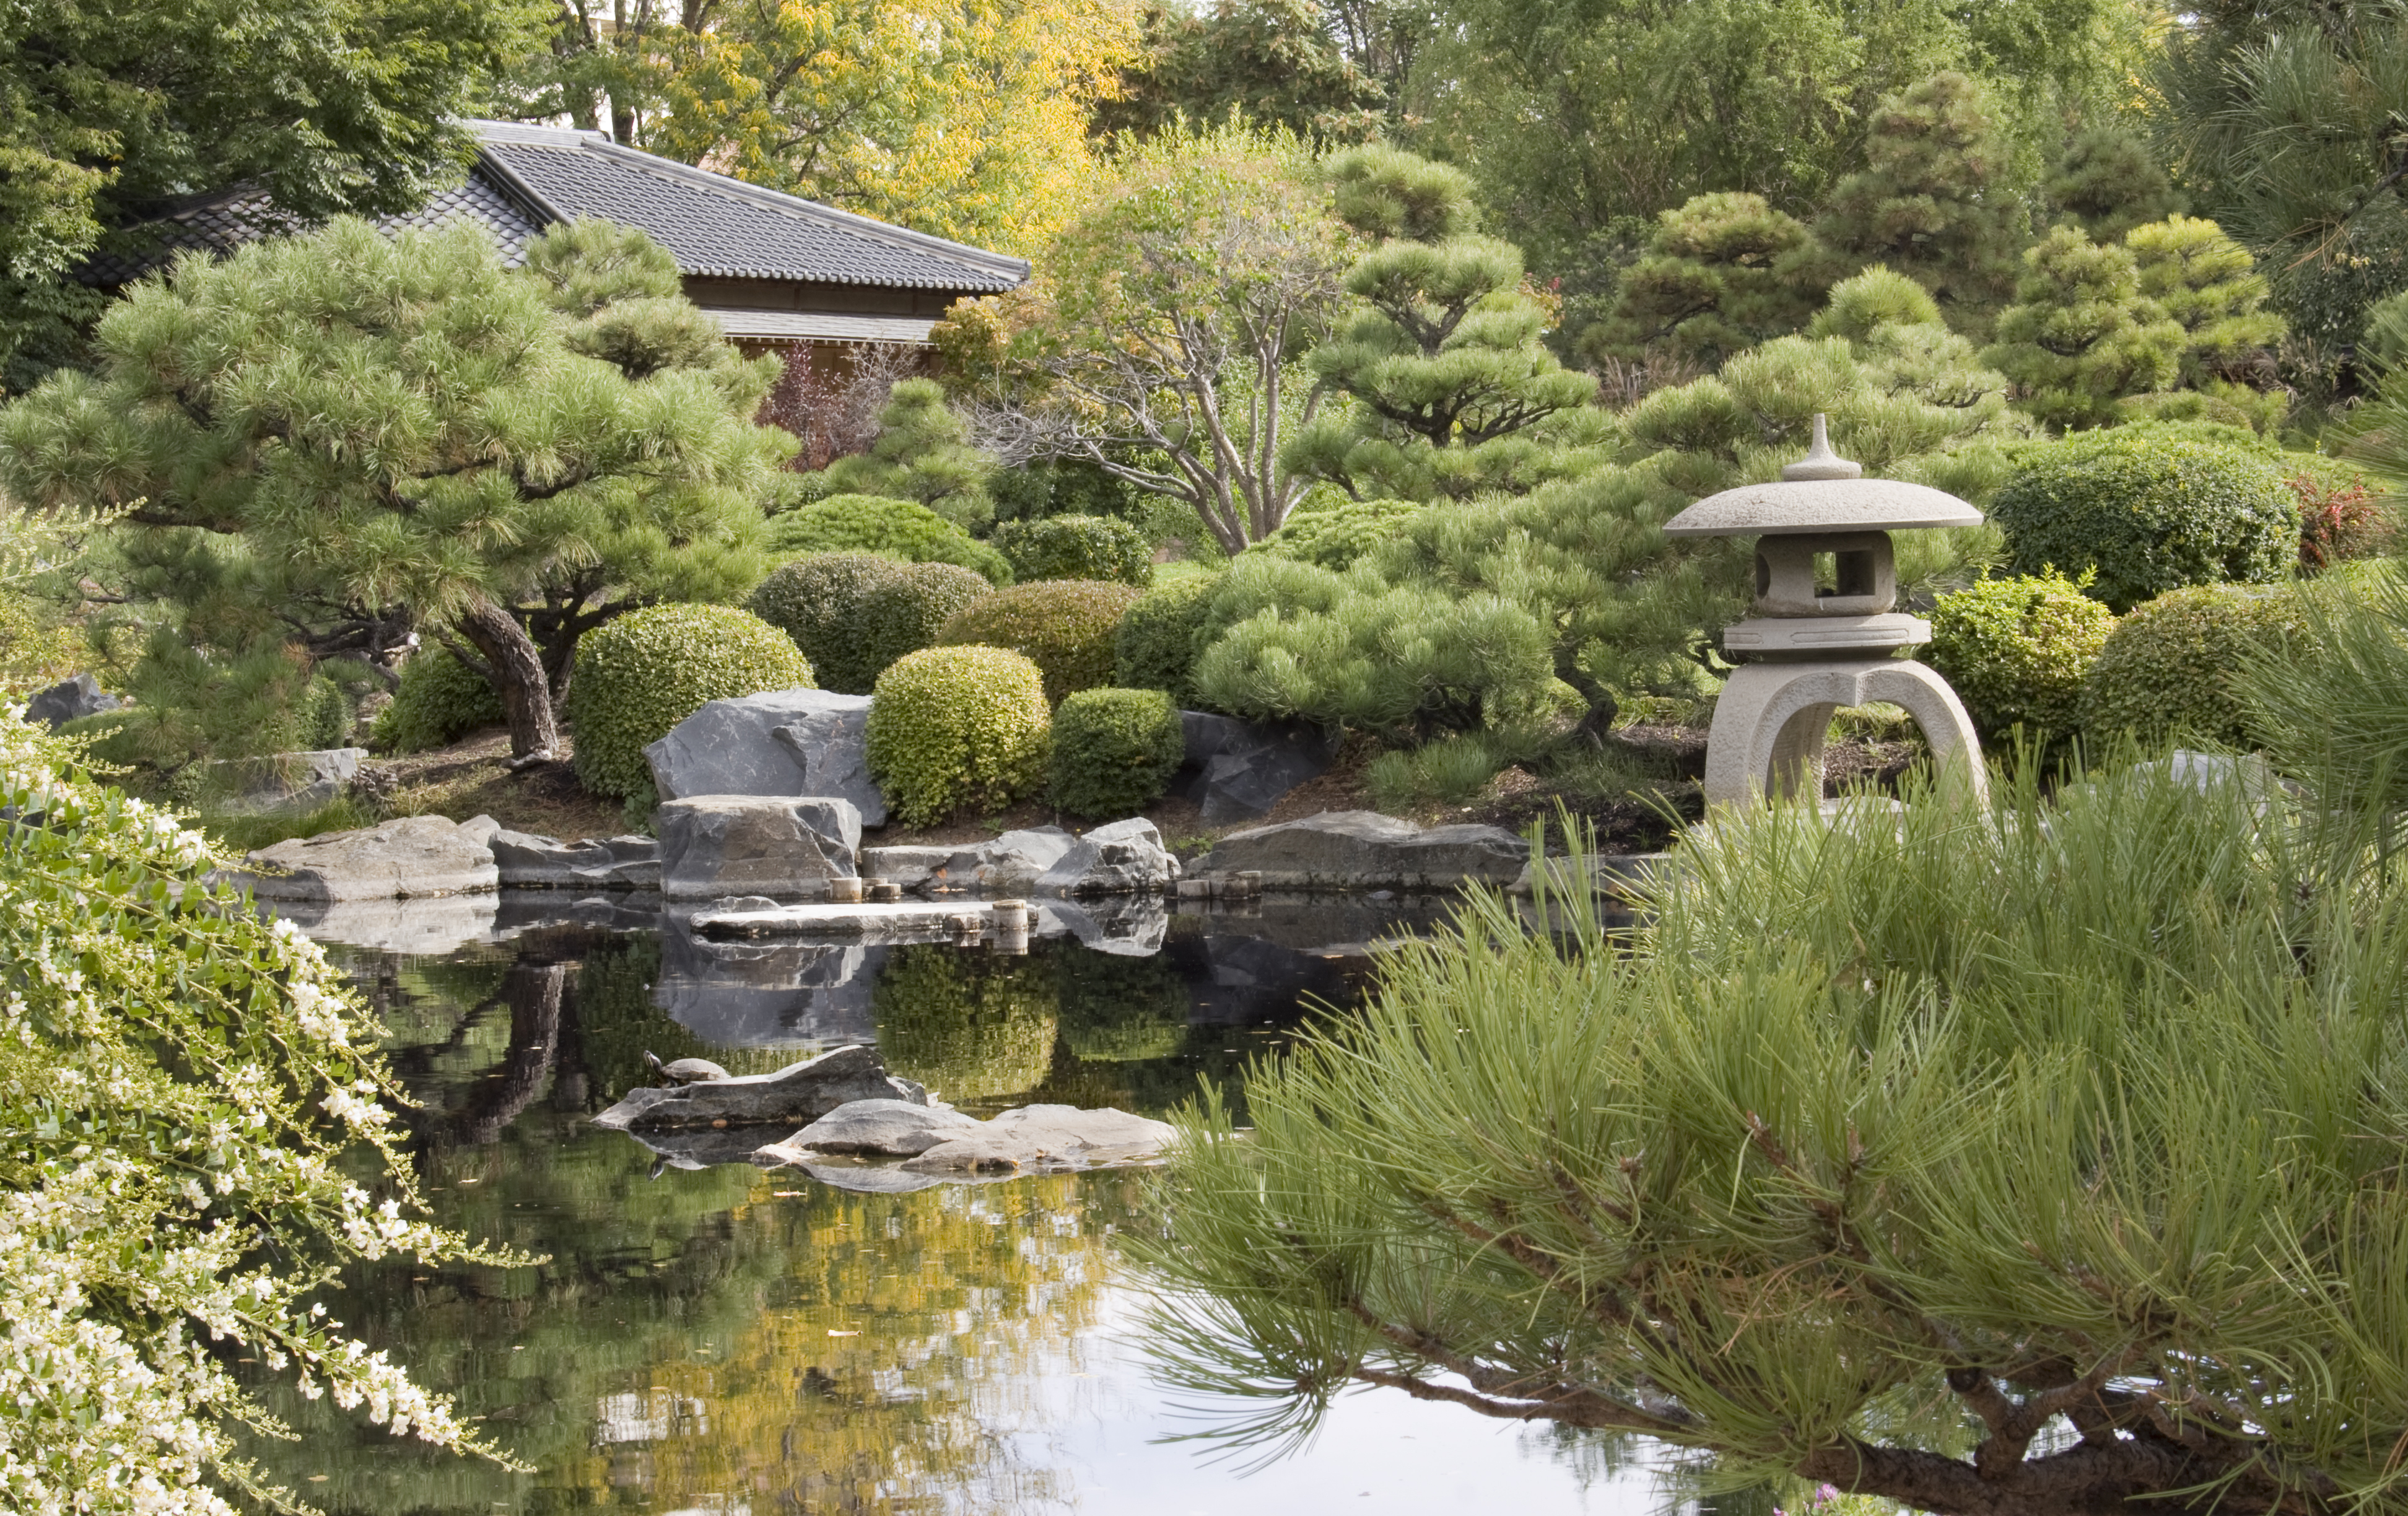 The Japanese Garden At The Denver Botanic Gardens. Shutterstock